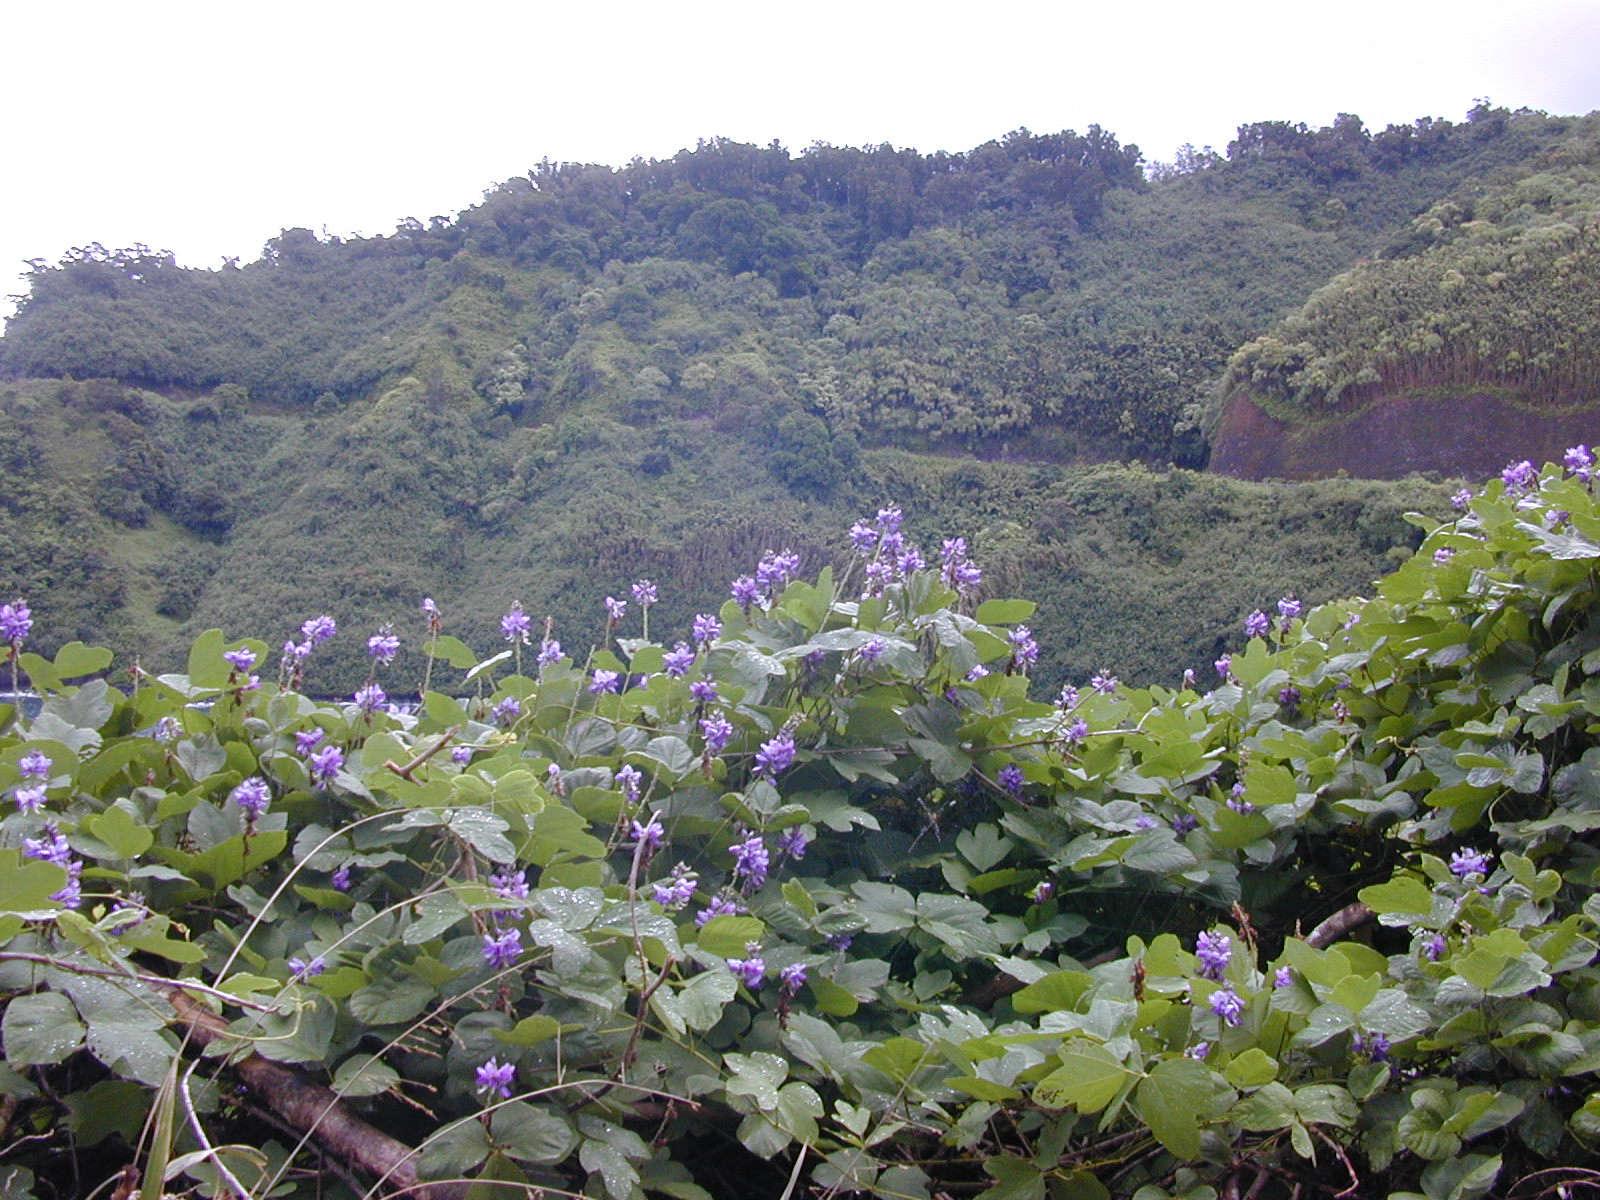 kudzu-flowers-forest-kim-starr-wikimedia